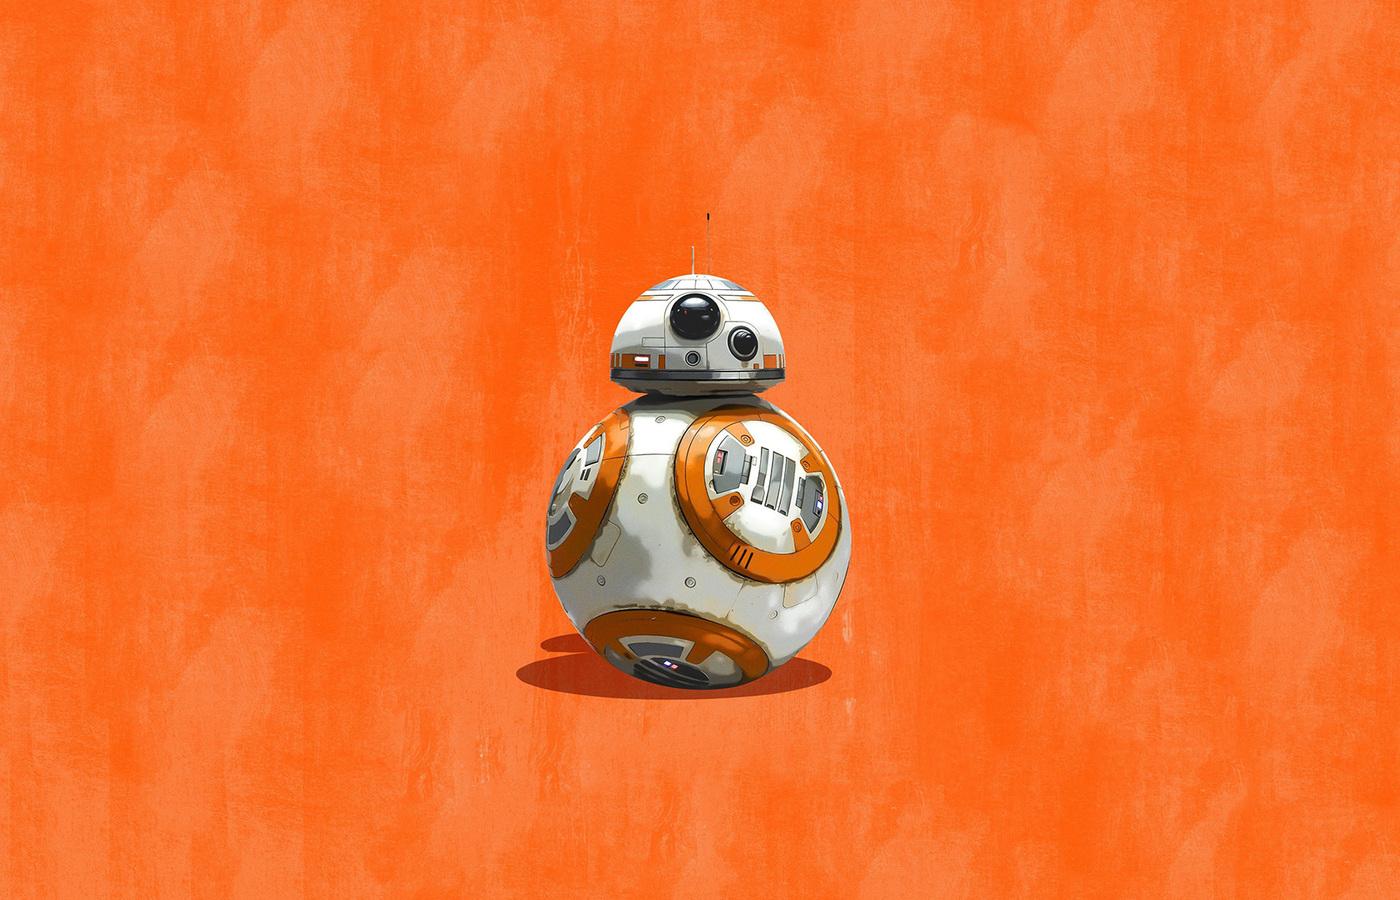 1400x900 Bb8 Star Wars The Last Jedi 1400x900 Resolution Hd